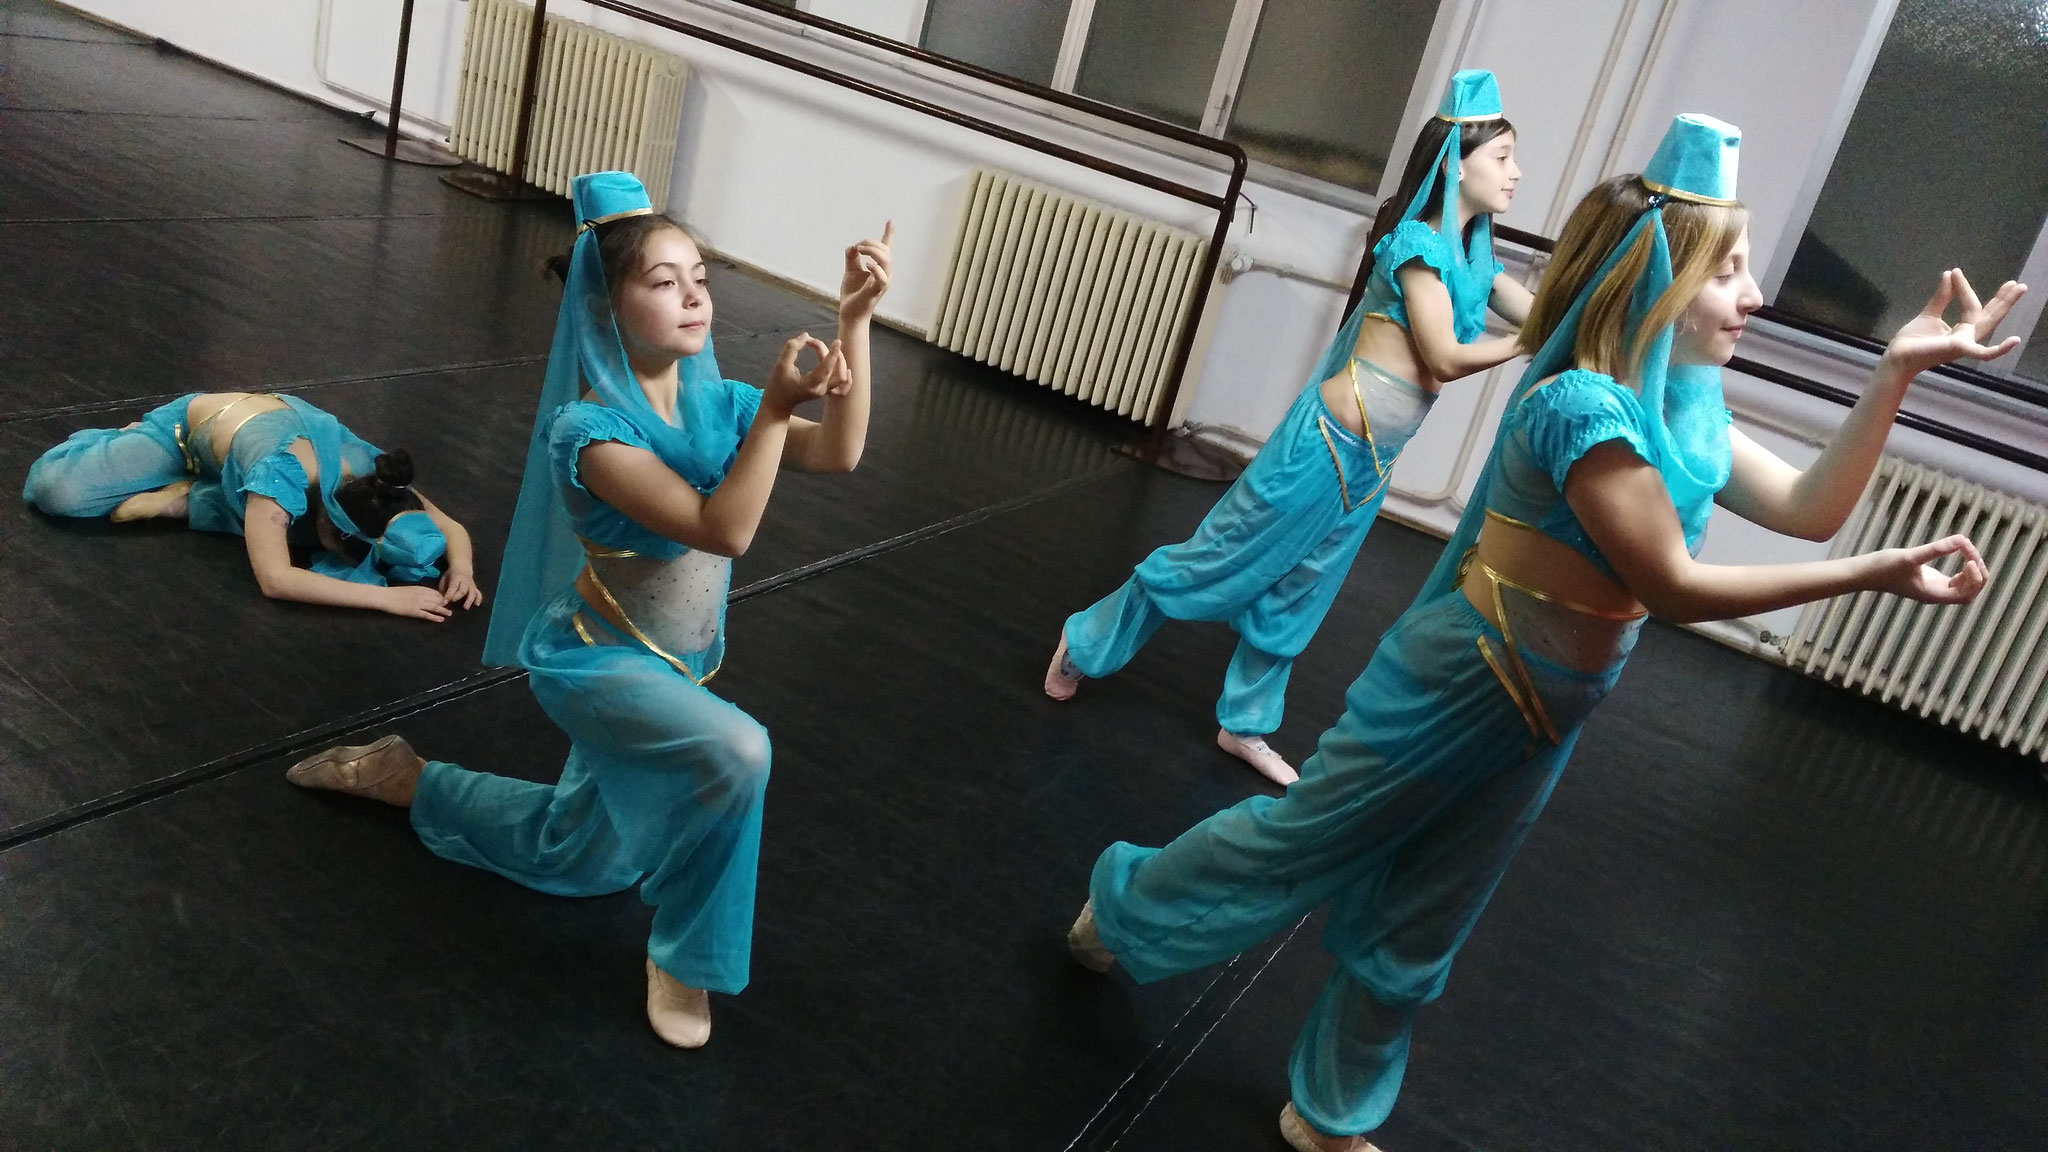 Prove saggio - Danza Araba - Corso danza classica principianti